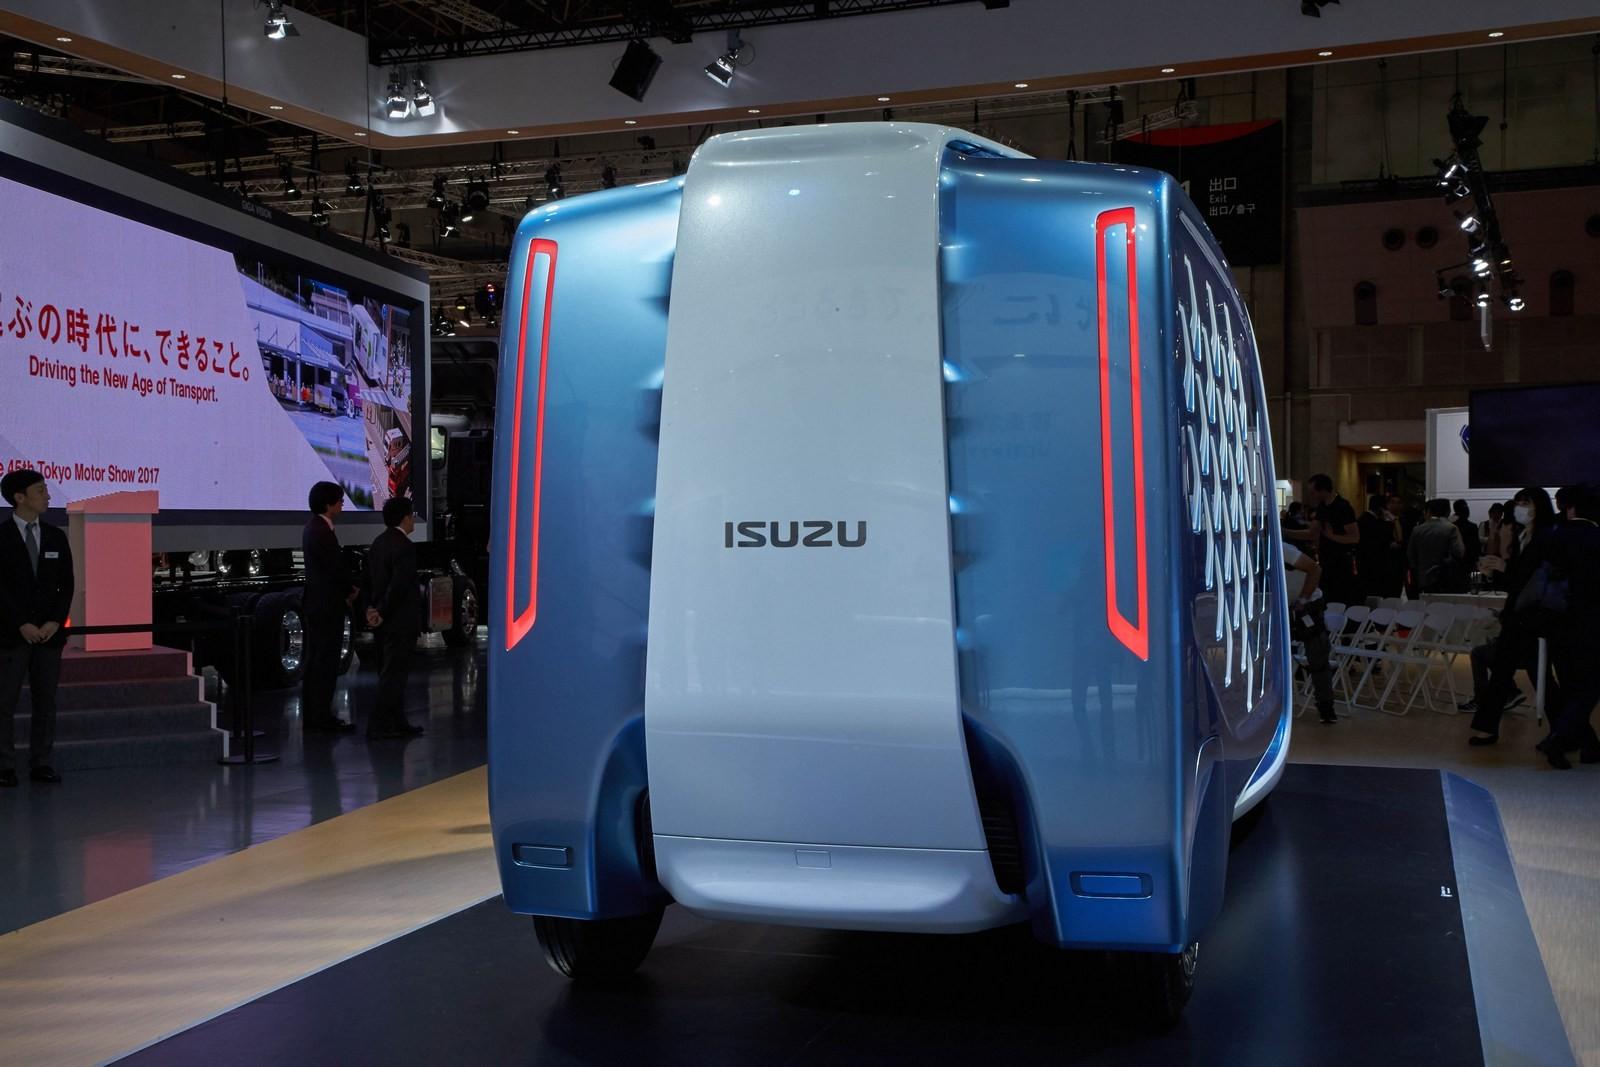 Xe++ - [Tokyo 2017] Độc đáo chiếc xe giao hàng cho tương lai FD-SI của Isuzu  (Hình 3).